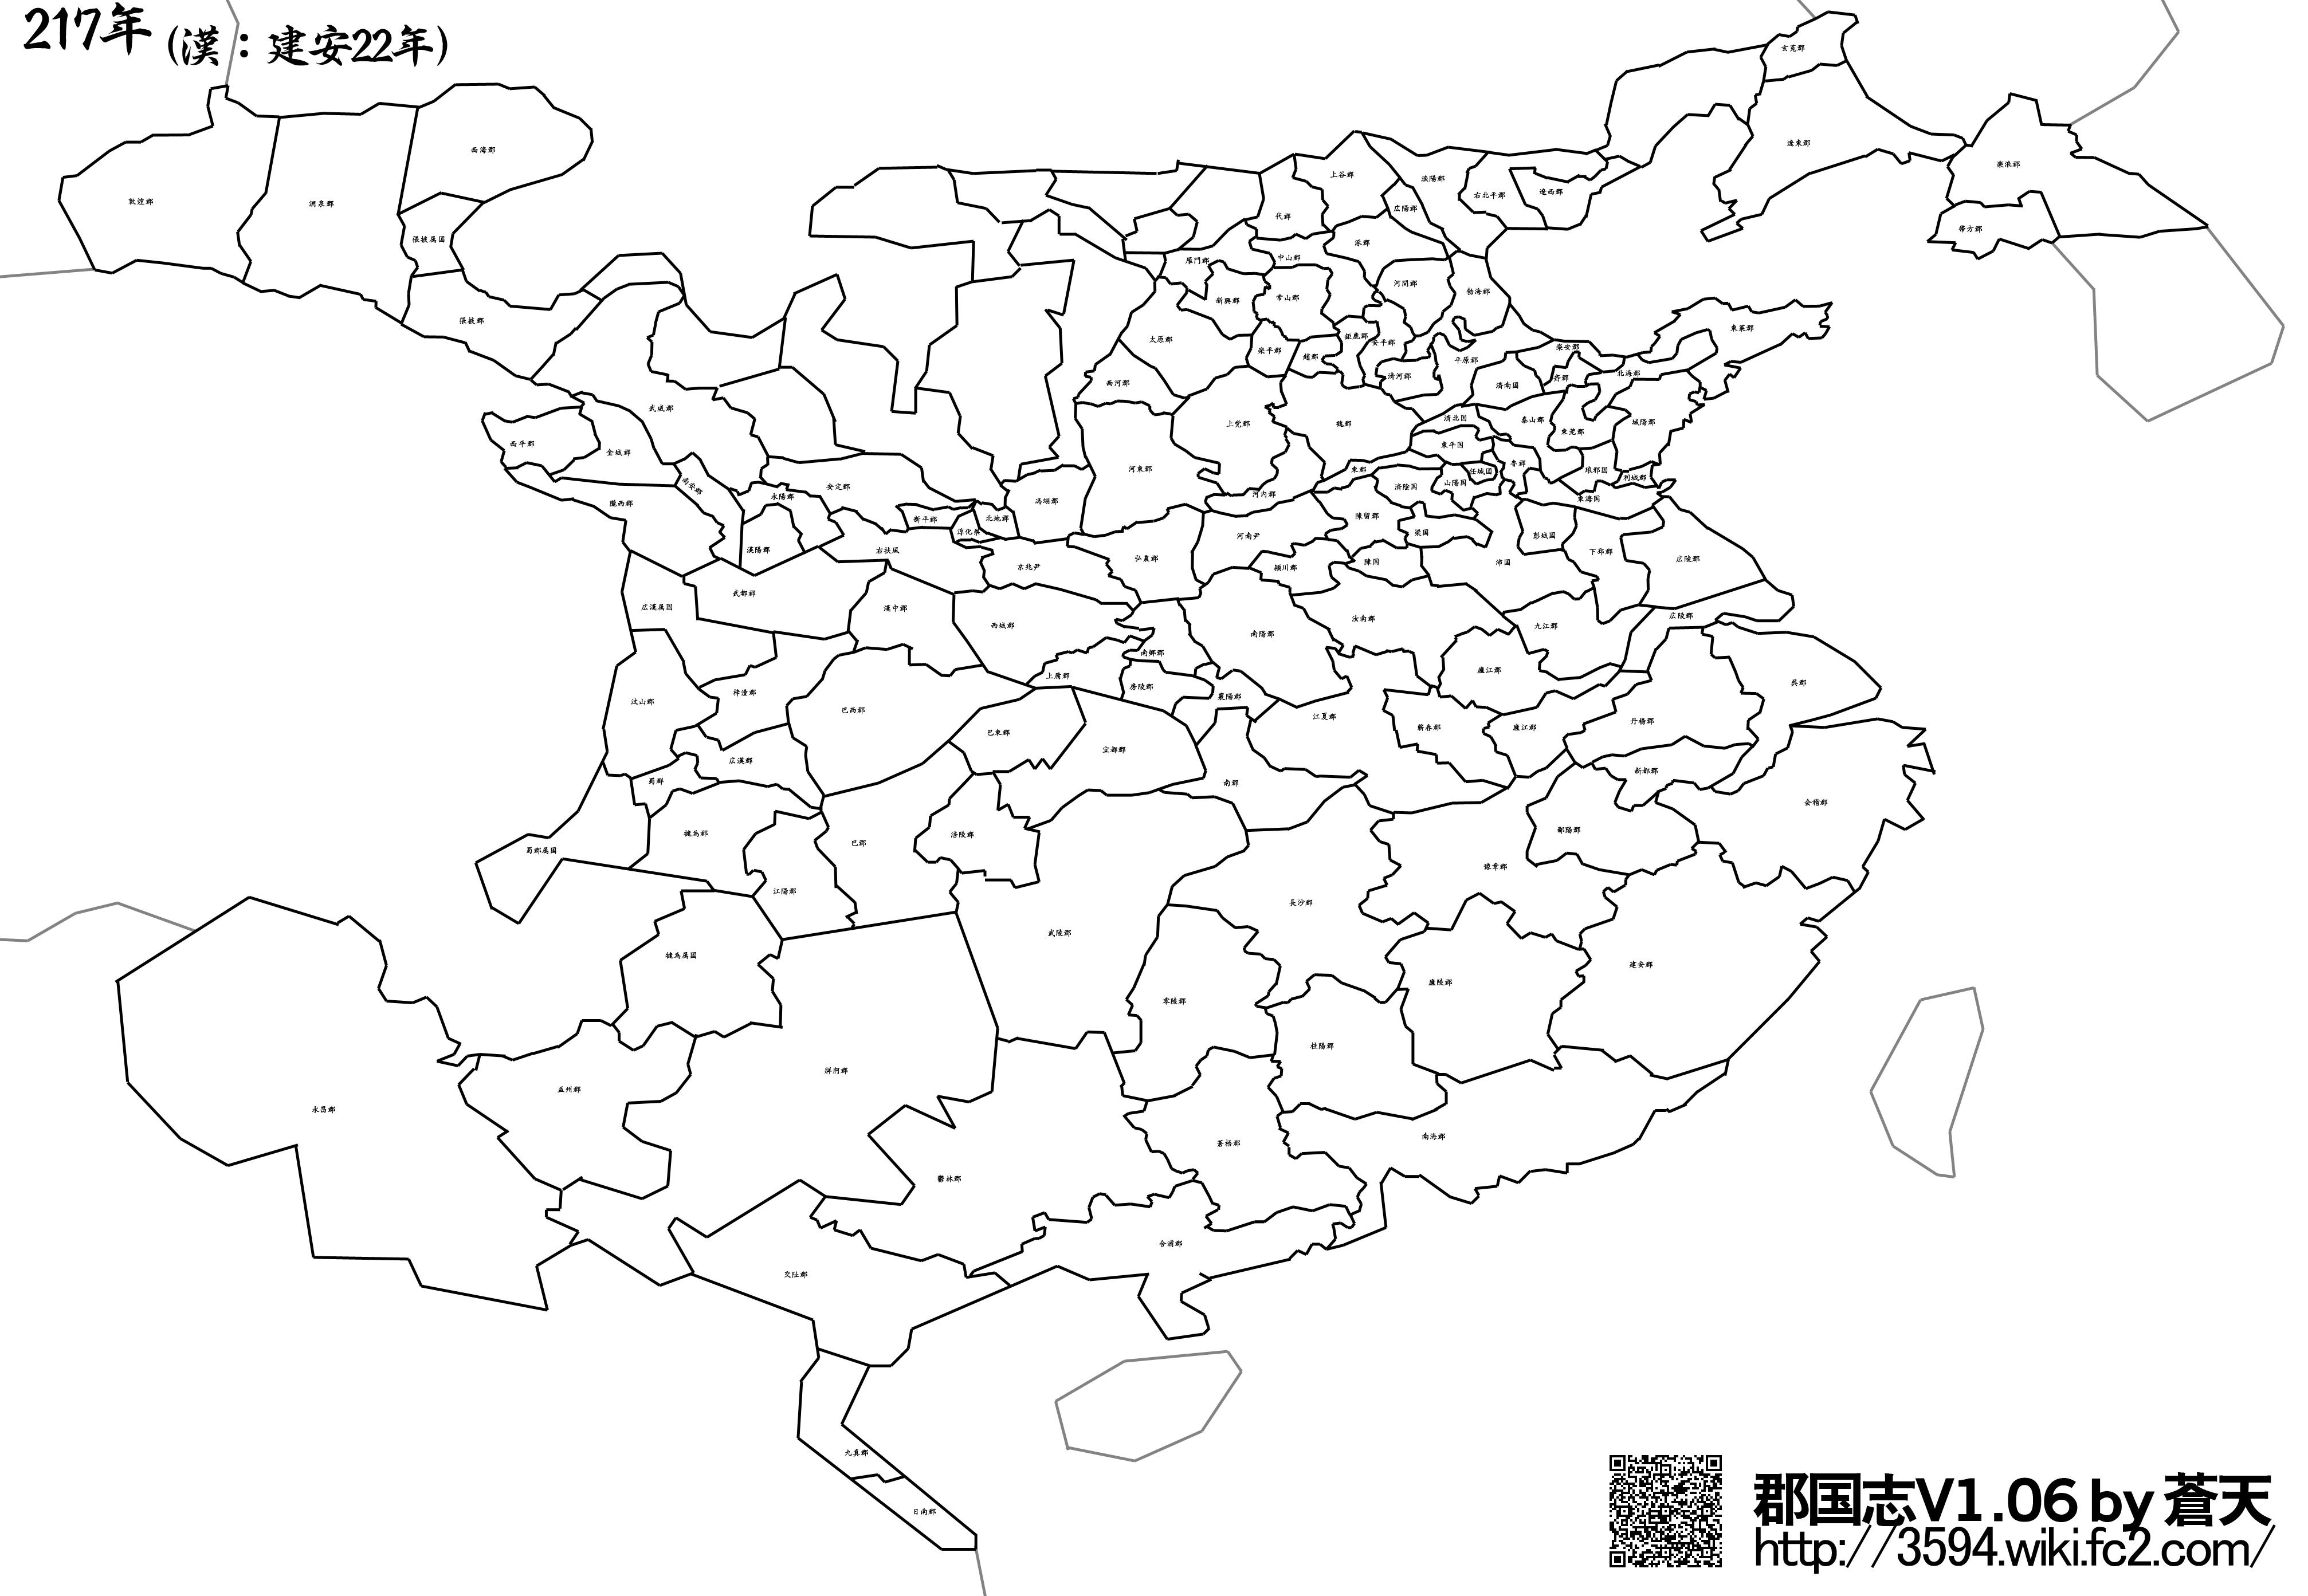 郡国志v106_217年